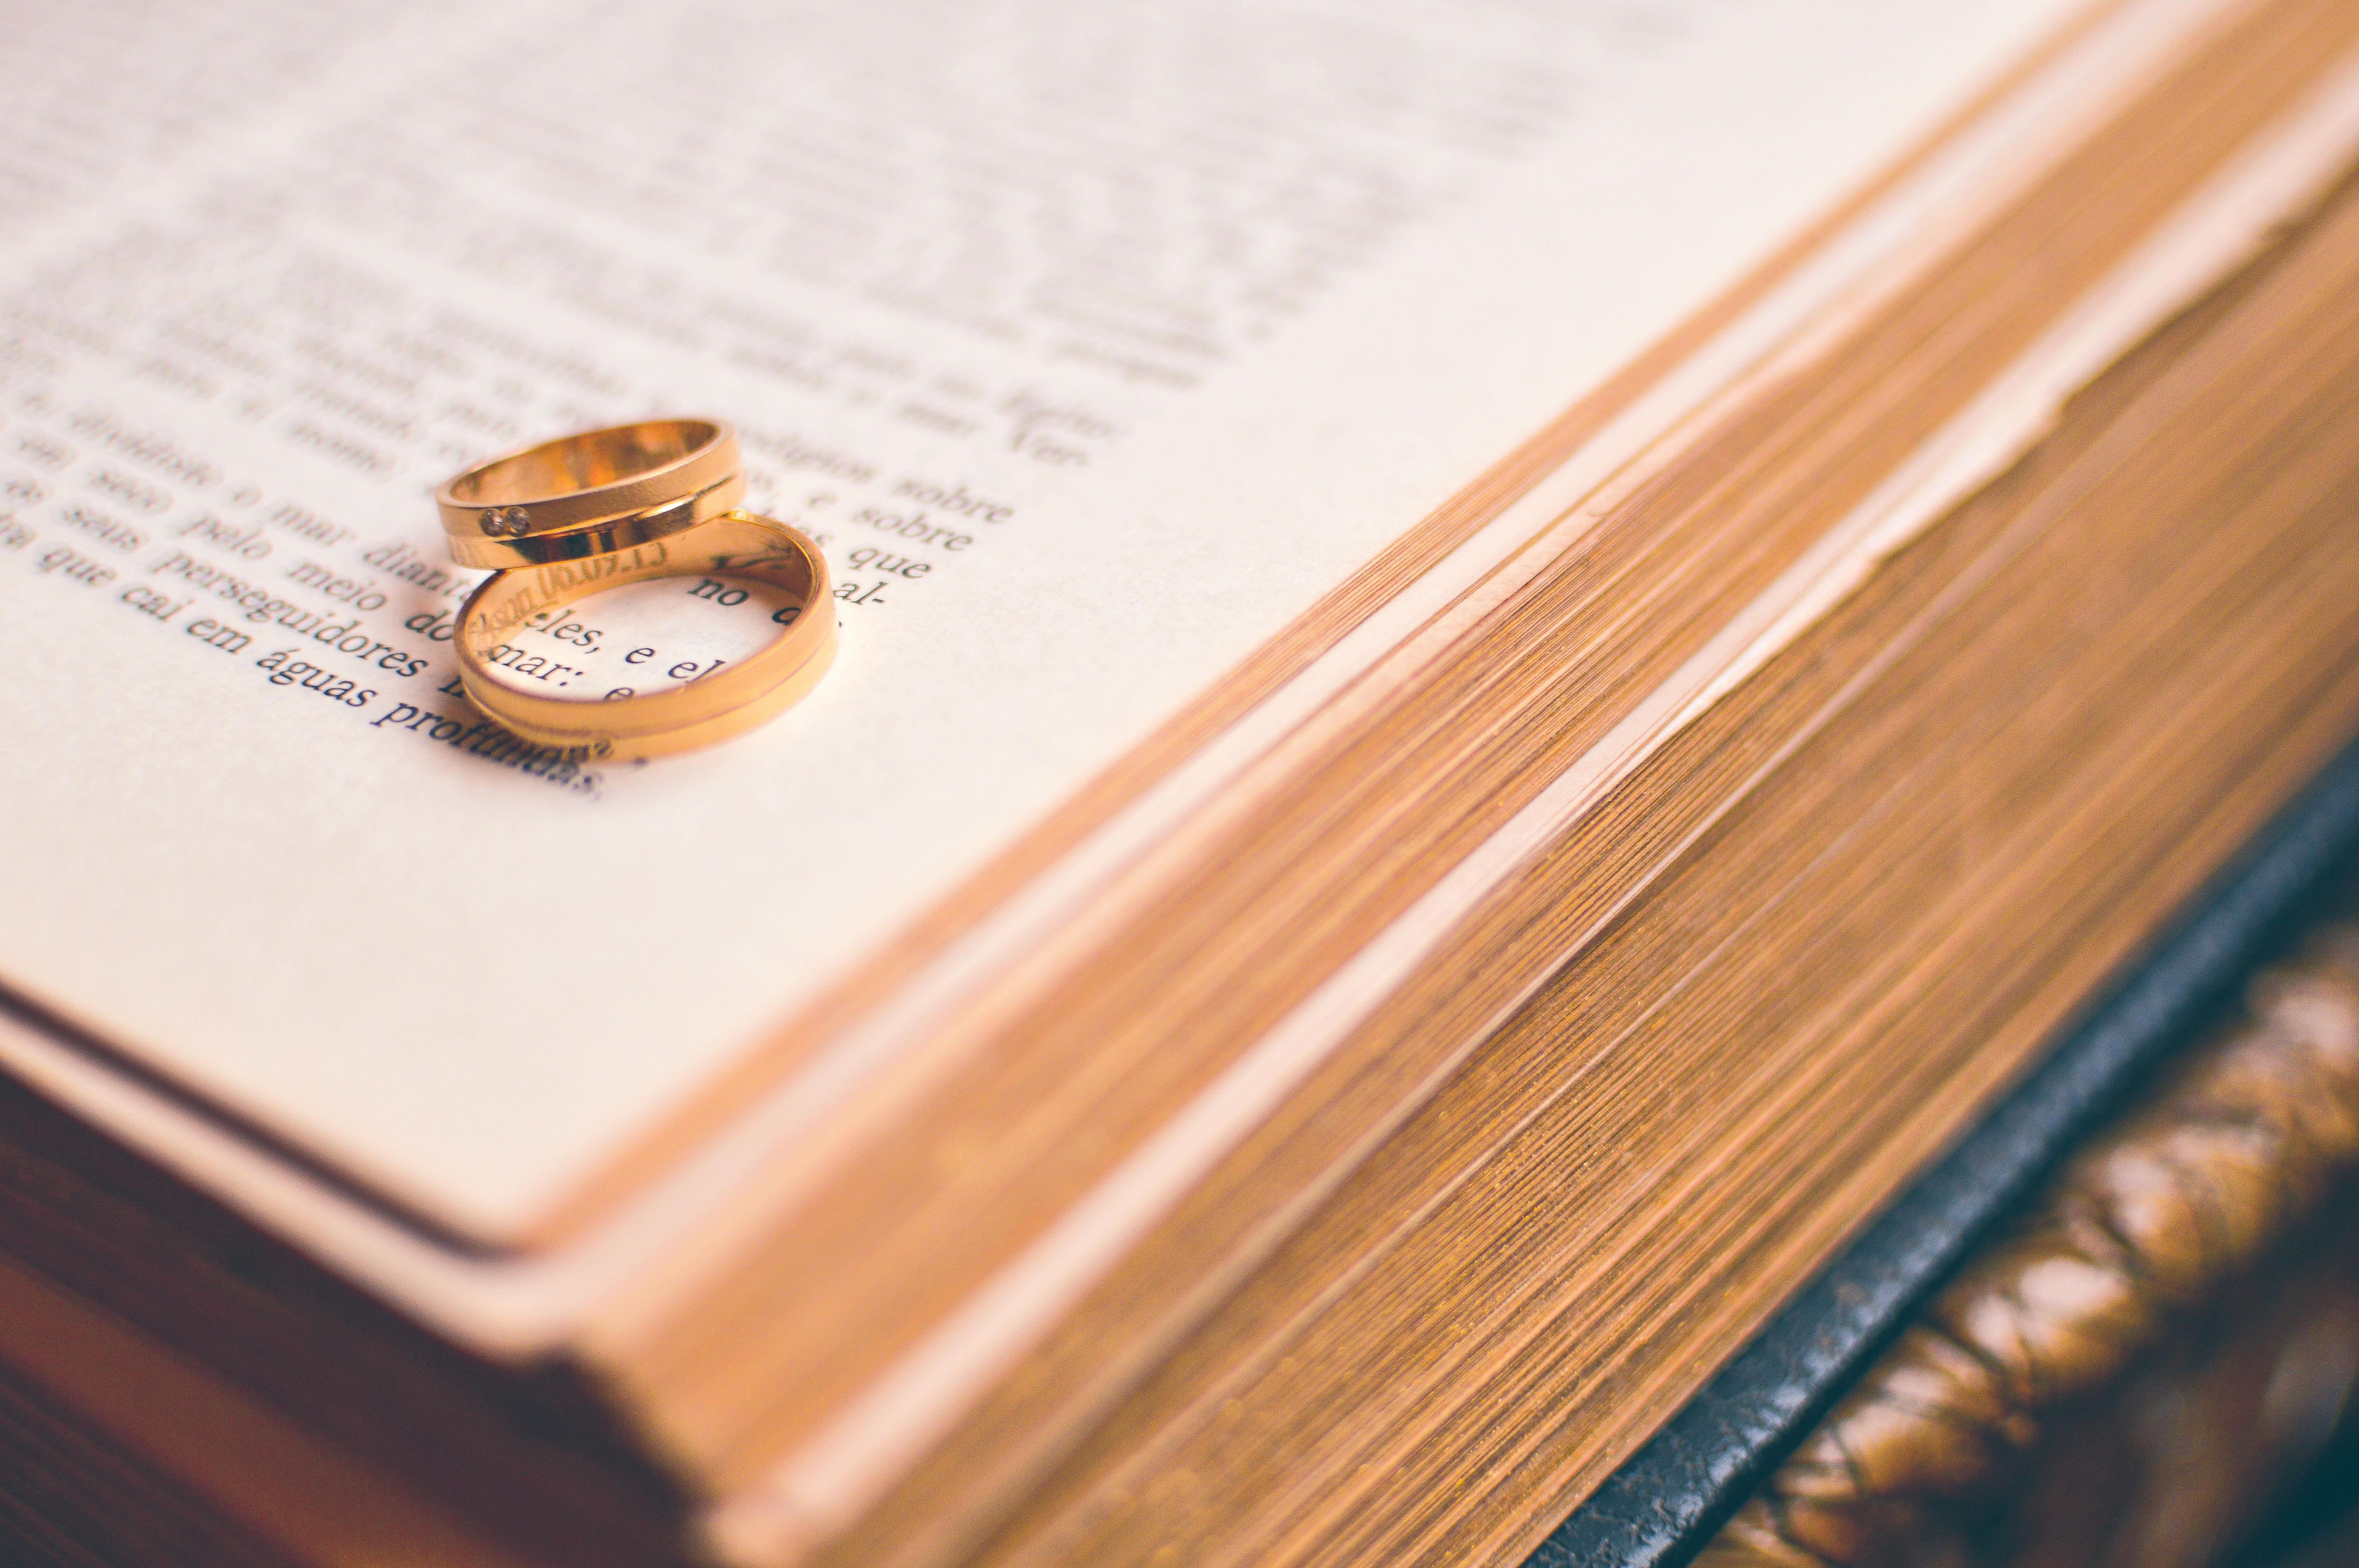 Matrimonio Y Biblia : Los anillos de boda sobre una biblia abierta en un versículo del